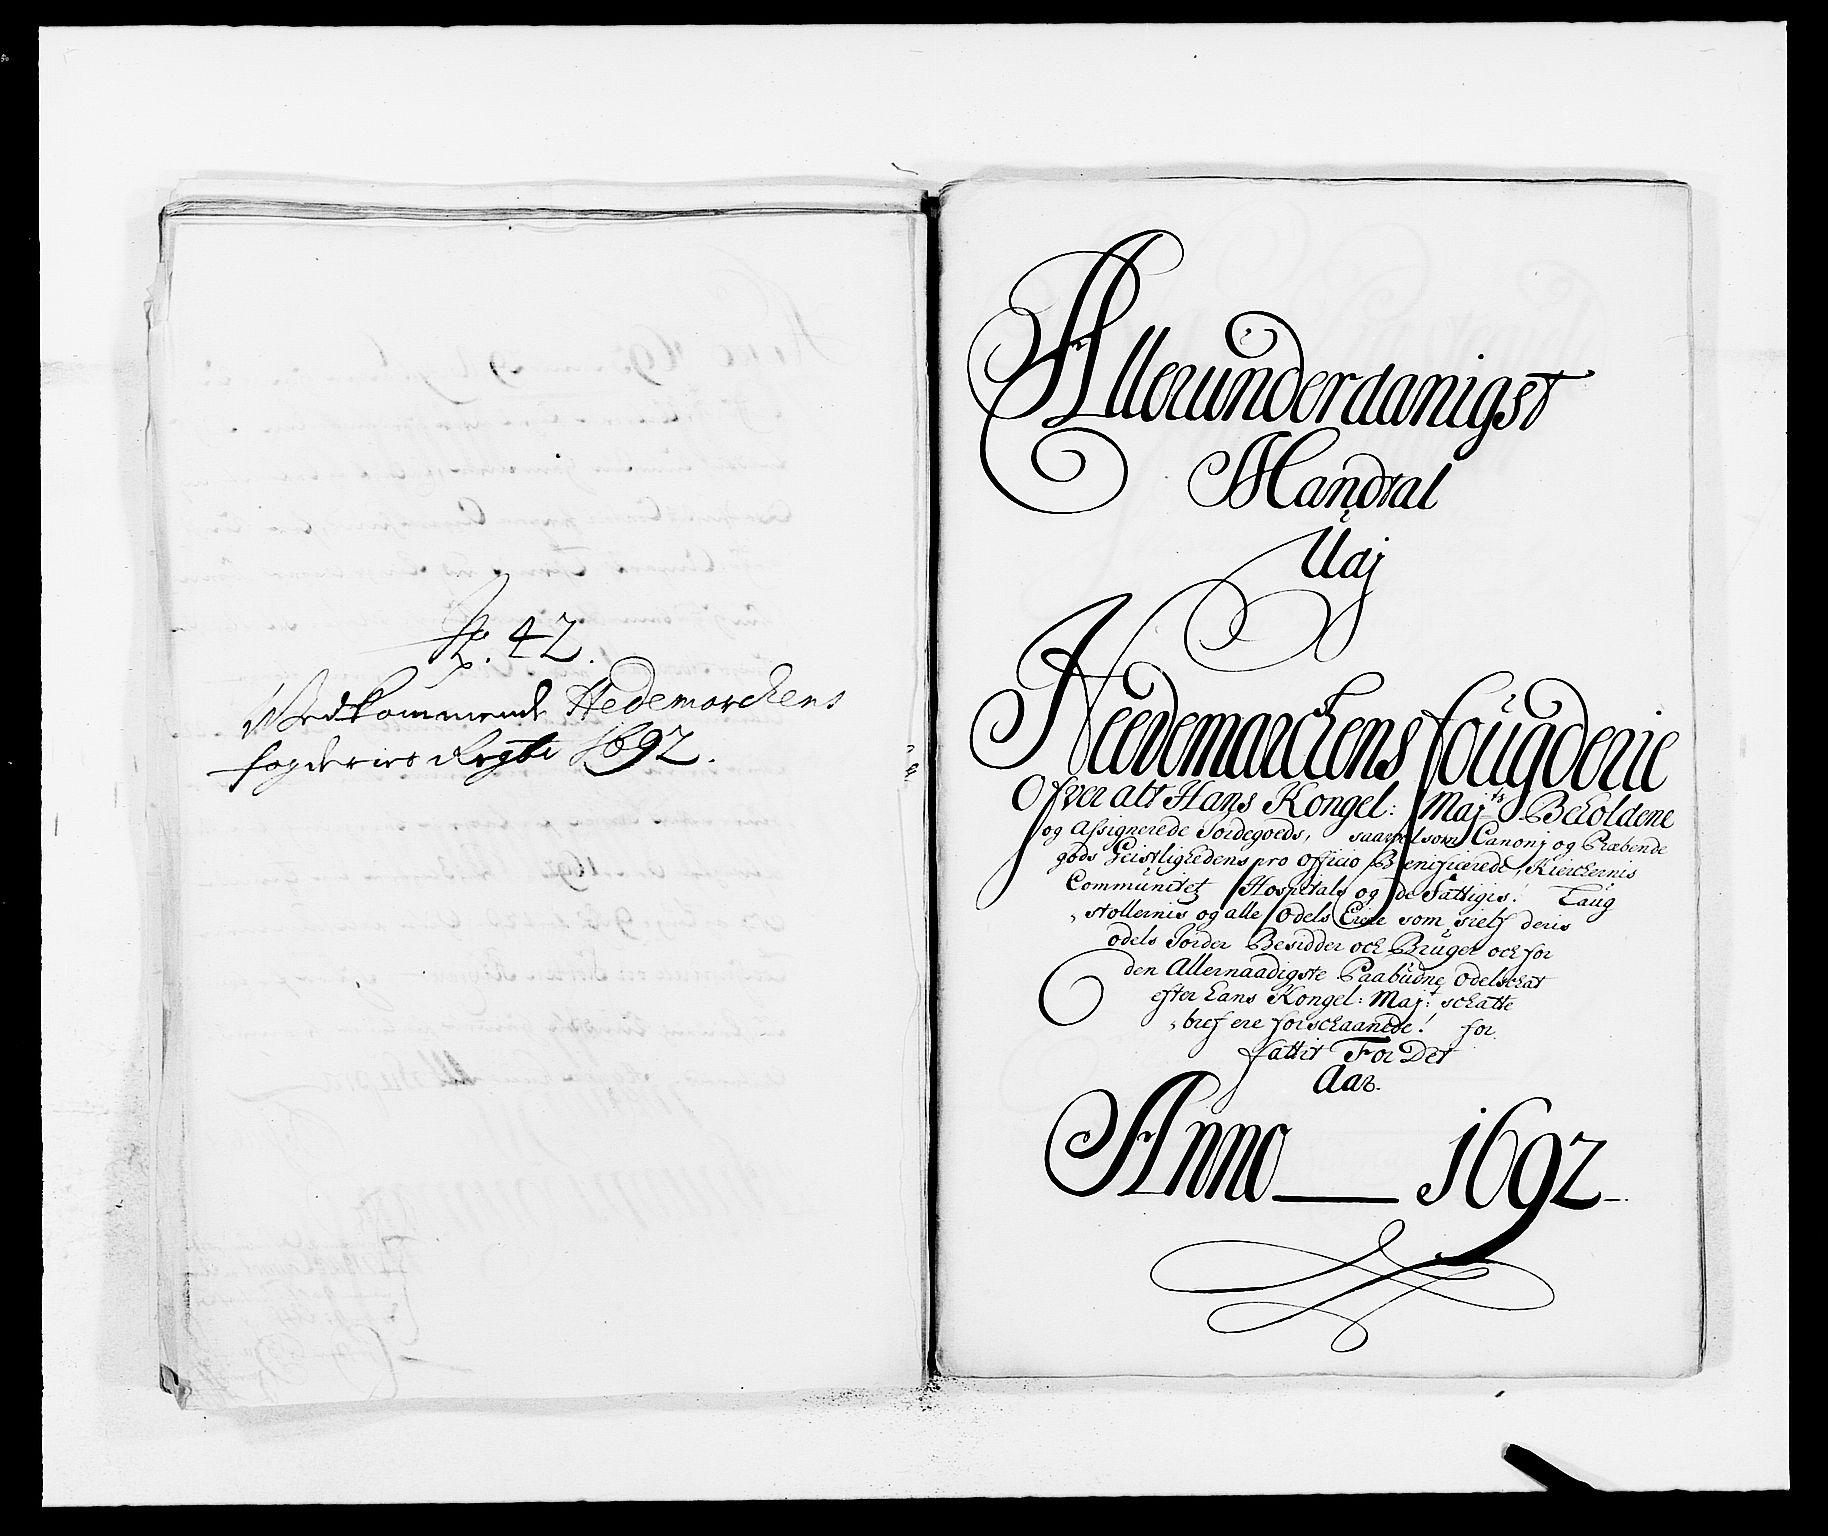 RA, Rentekammeret inntil 1814, Reviderte regnskaper, Fogderegnskap, R16/L1032: Fogderegnskap Hedmark, 1689-1692, s. 102